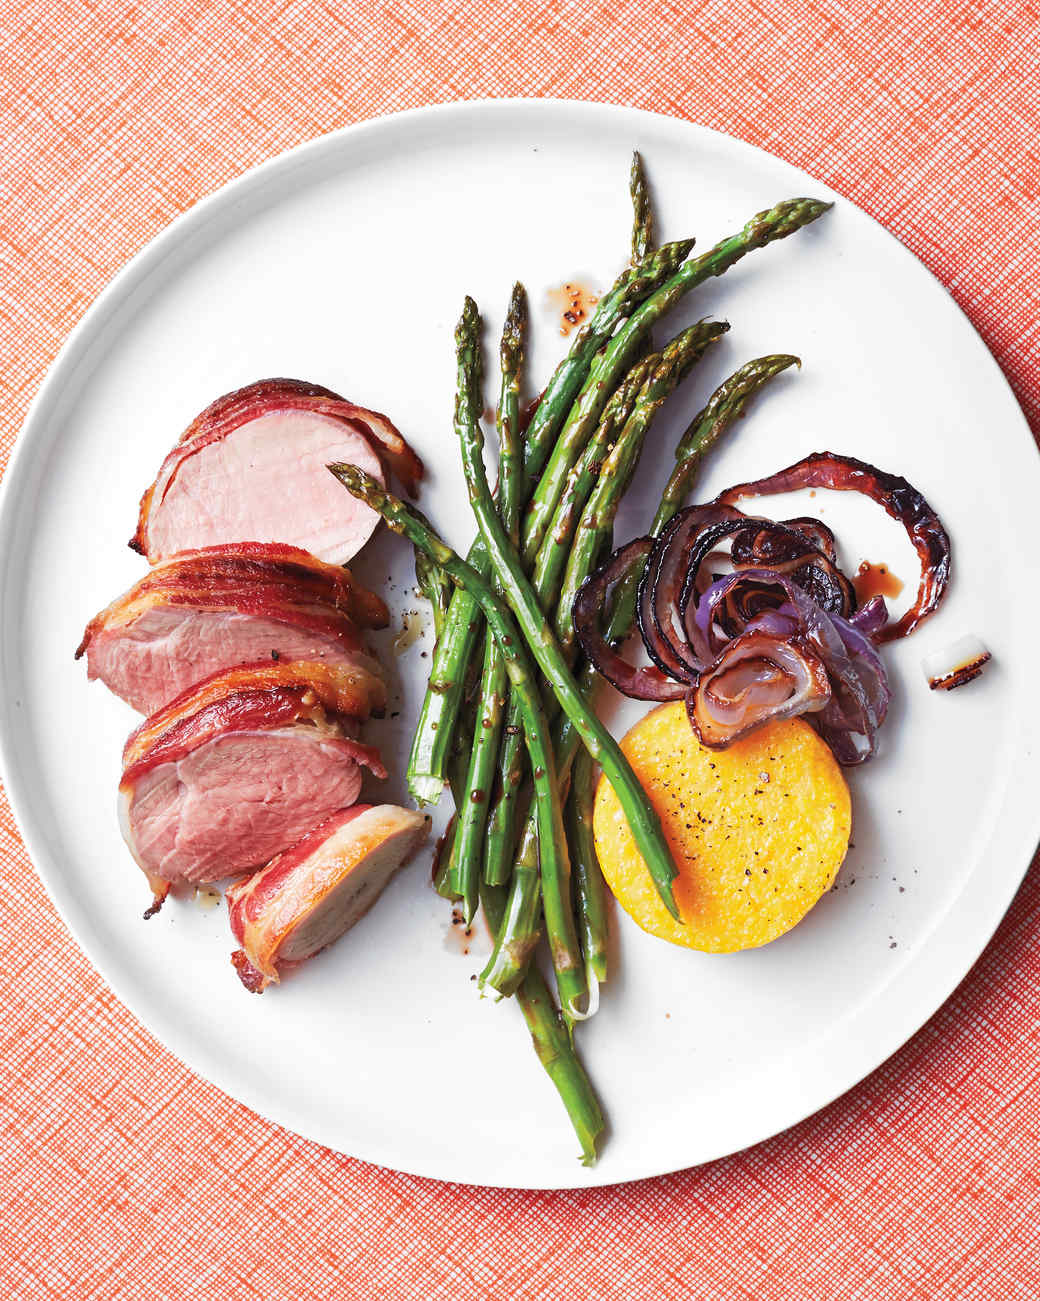 Bacon-Wrapped Pork Tenderloin with Broiled Polenta